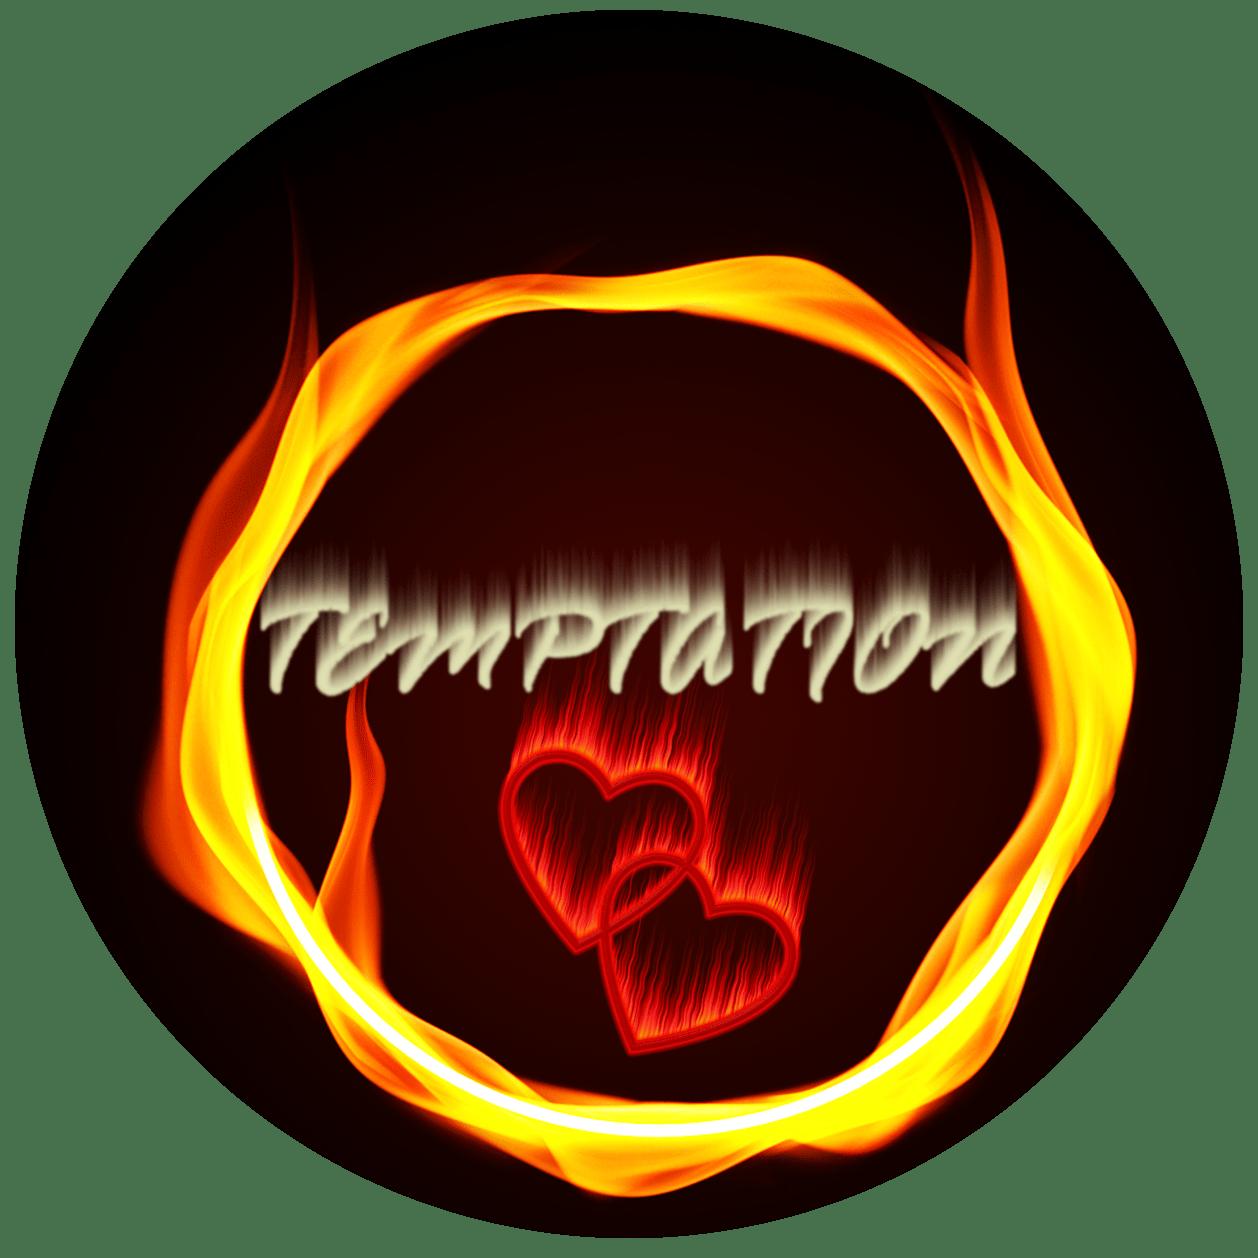 temptation logo